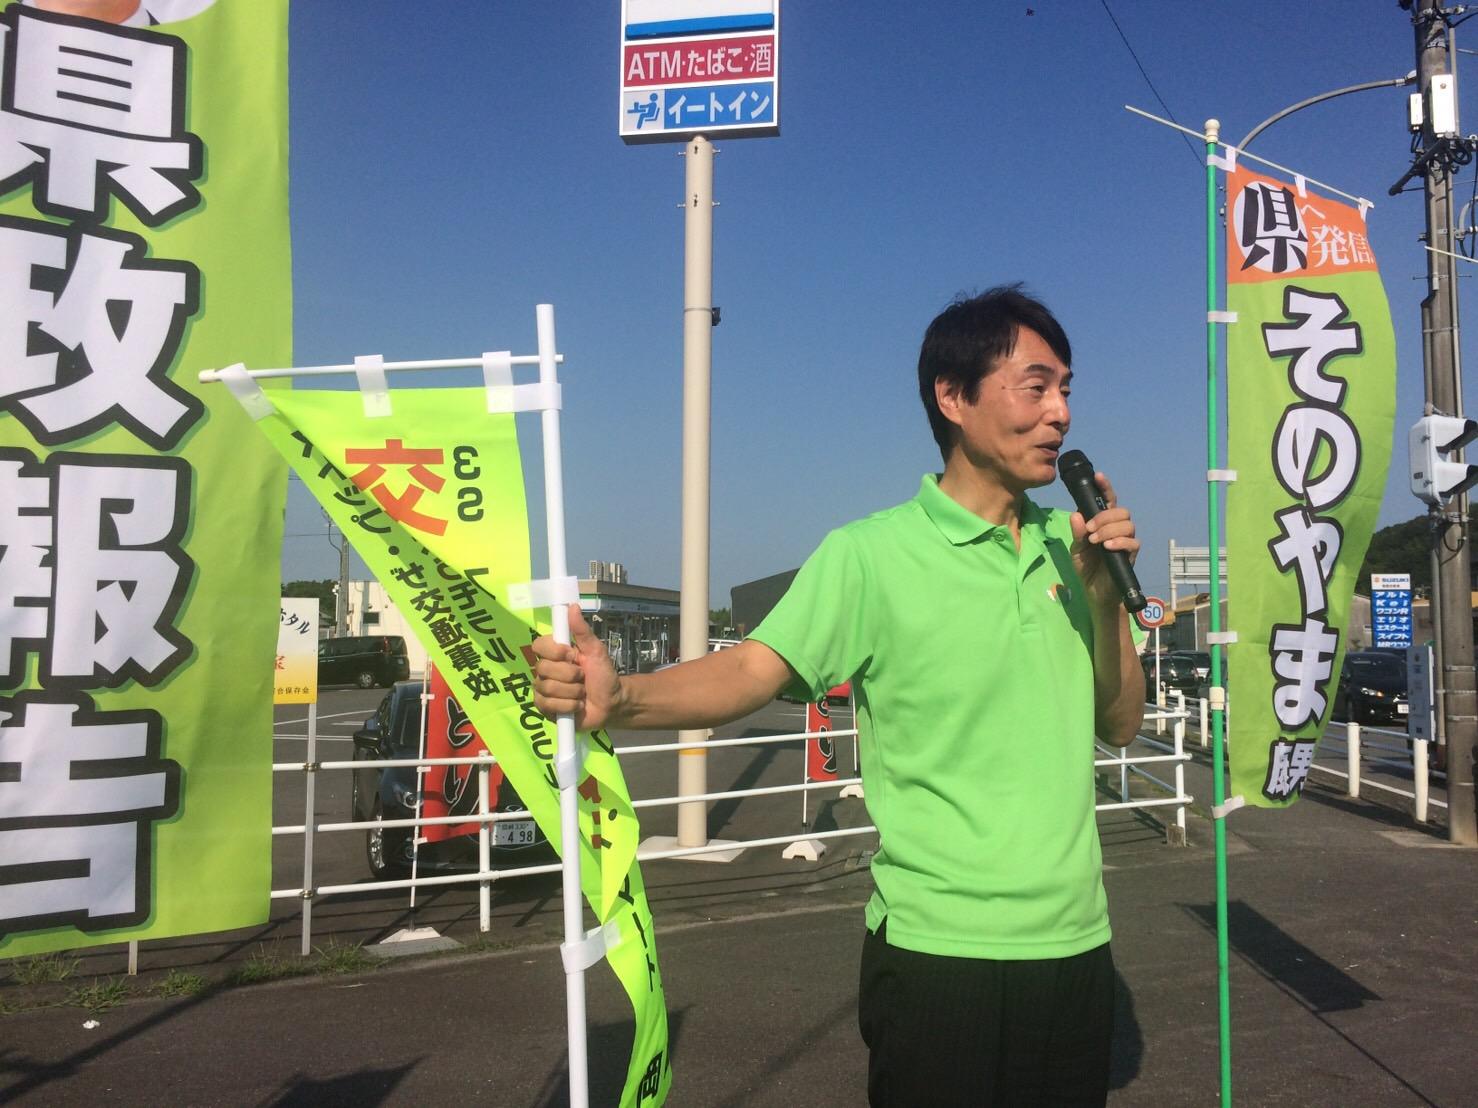 スタートです! 今日が終業式で 児童生徒たちは明日から夏休みですね 本県は 今年に入り交通死者数が100人となりました 昨年よりも早いペースです 梅雨明けで暑い日が続きますが 精神を集中して交通安全をお願いします